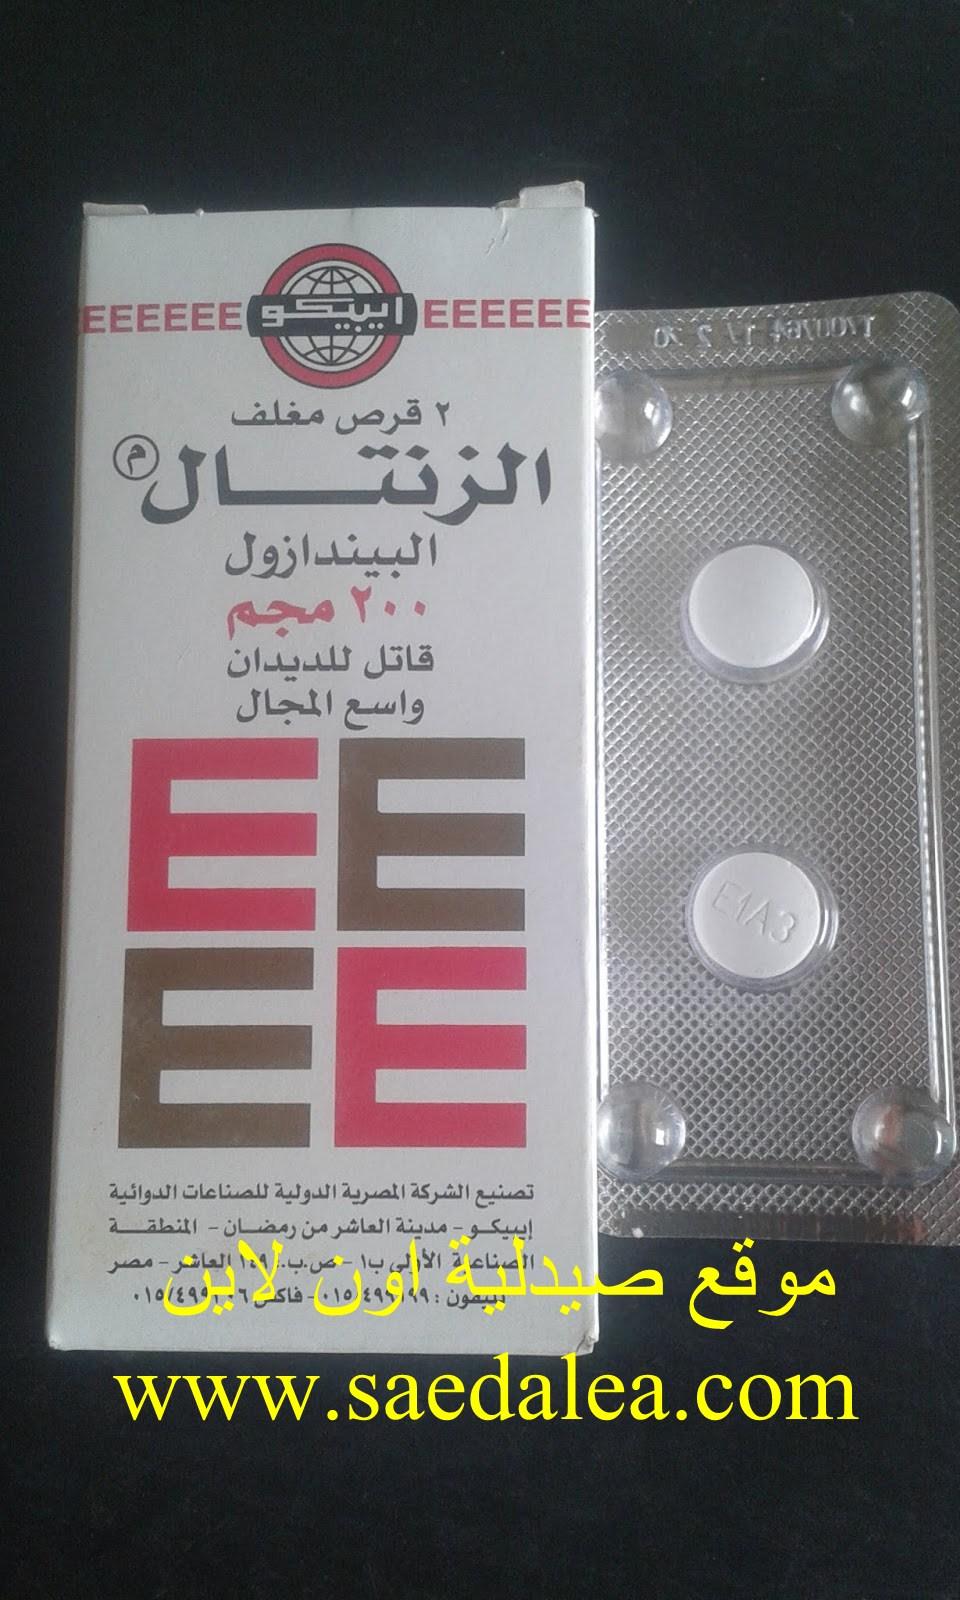 الزنتال أقراص ومعلق لعلاج الديدان alzental